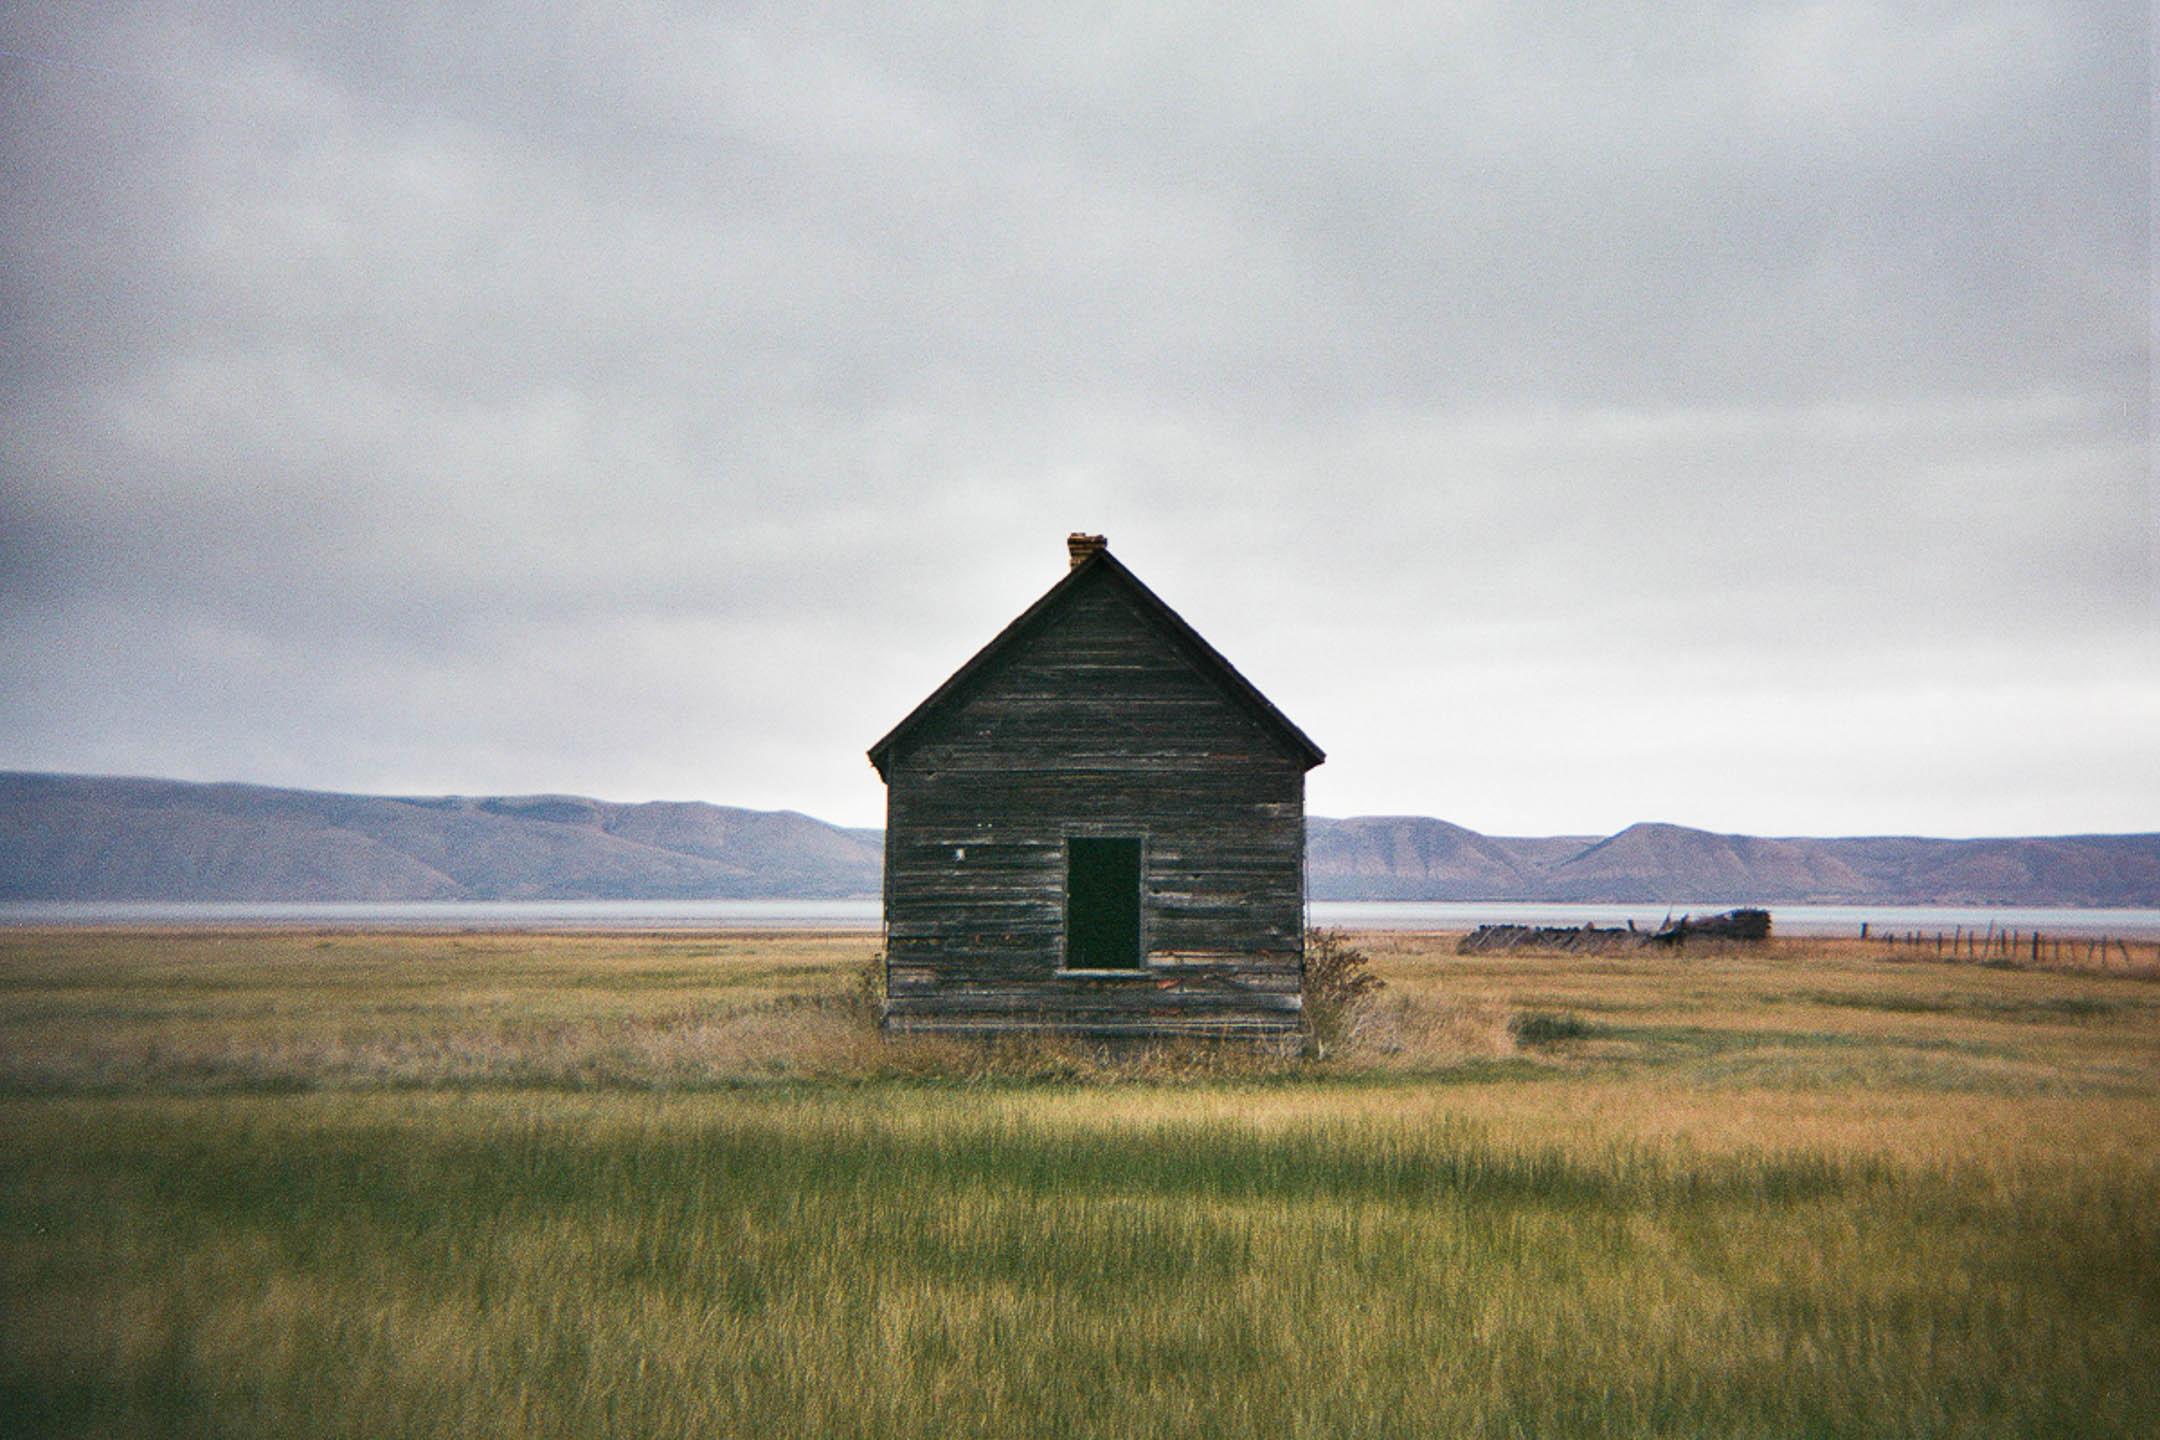 House in the field.jpg